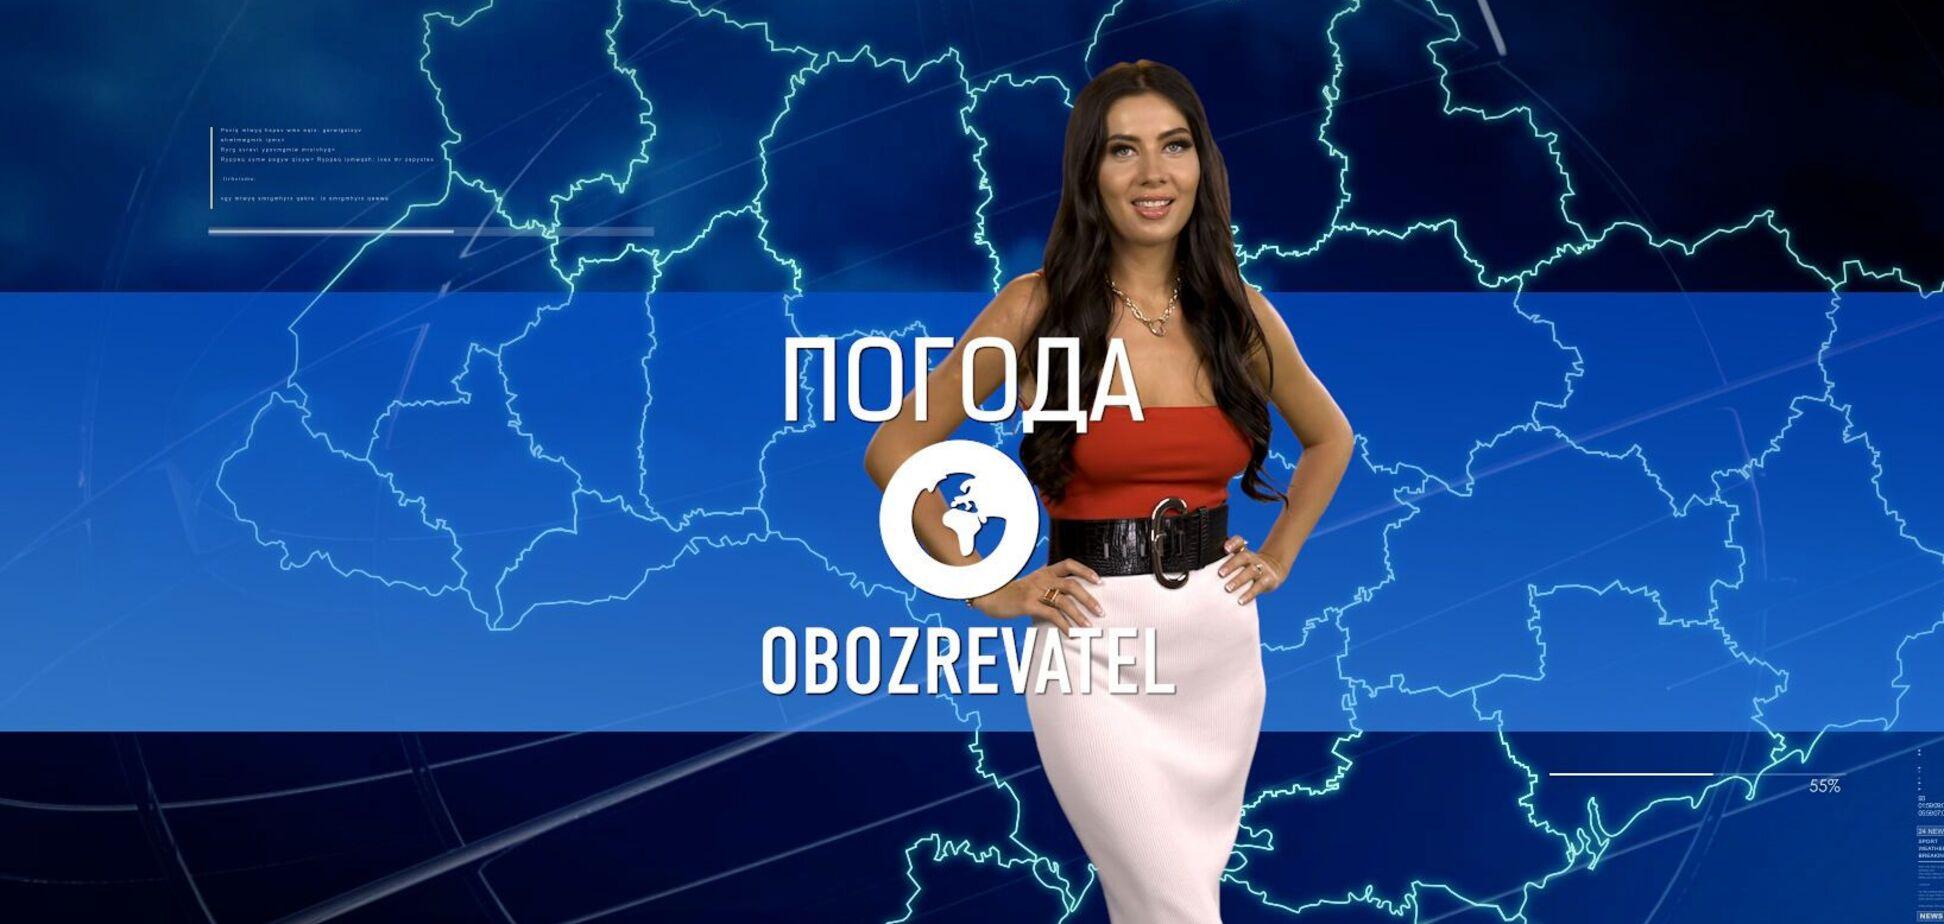 Прогноз погоды в Украине на четверг, 15 июля, с Алисой Мярковской